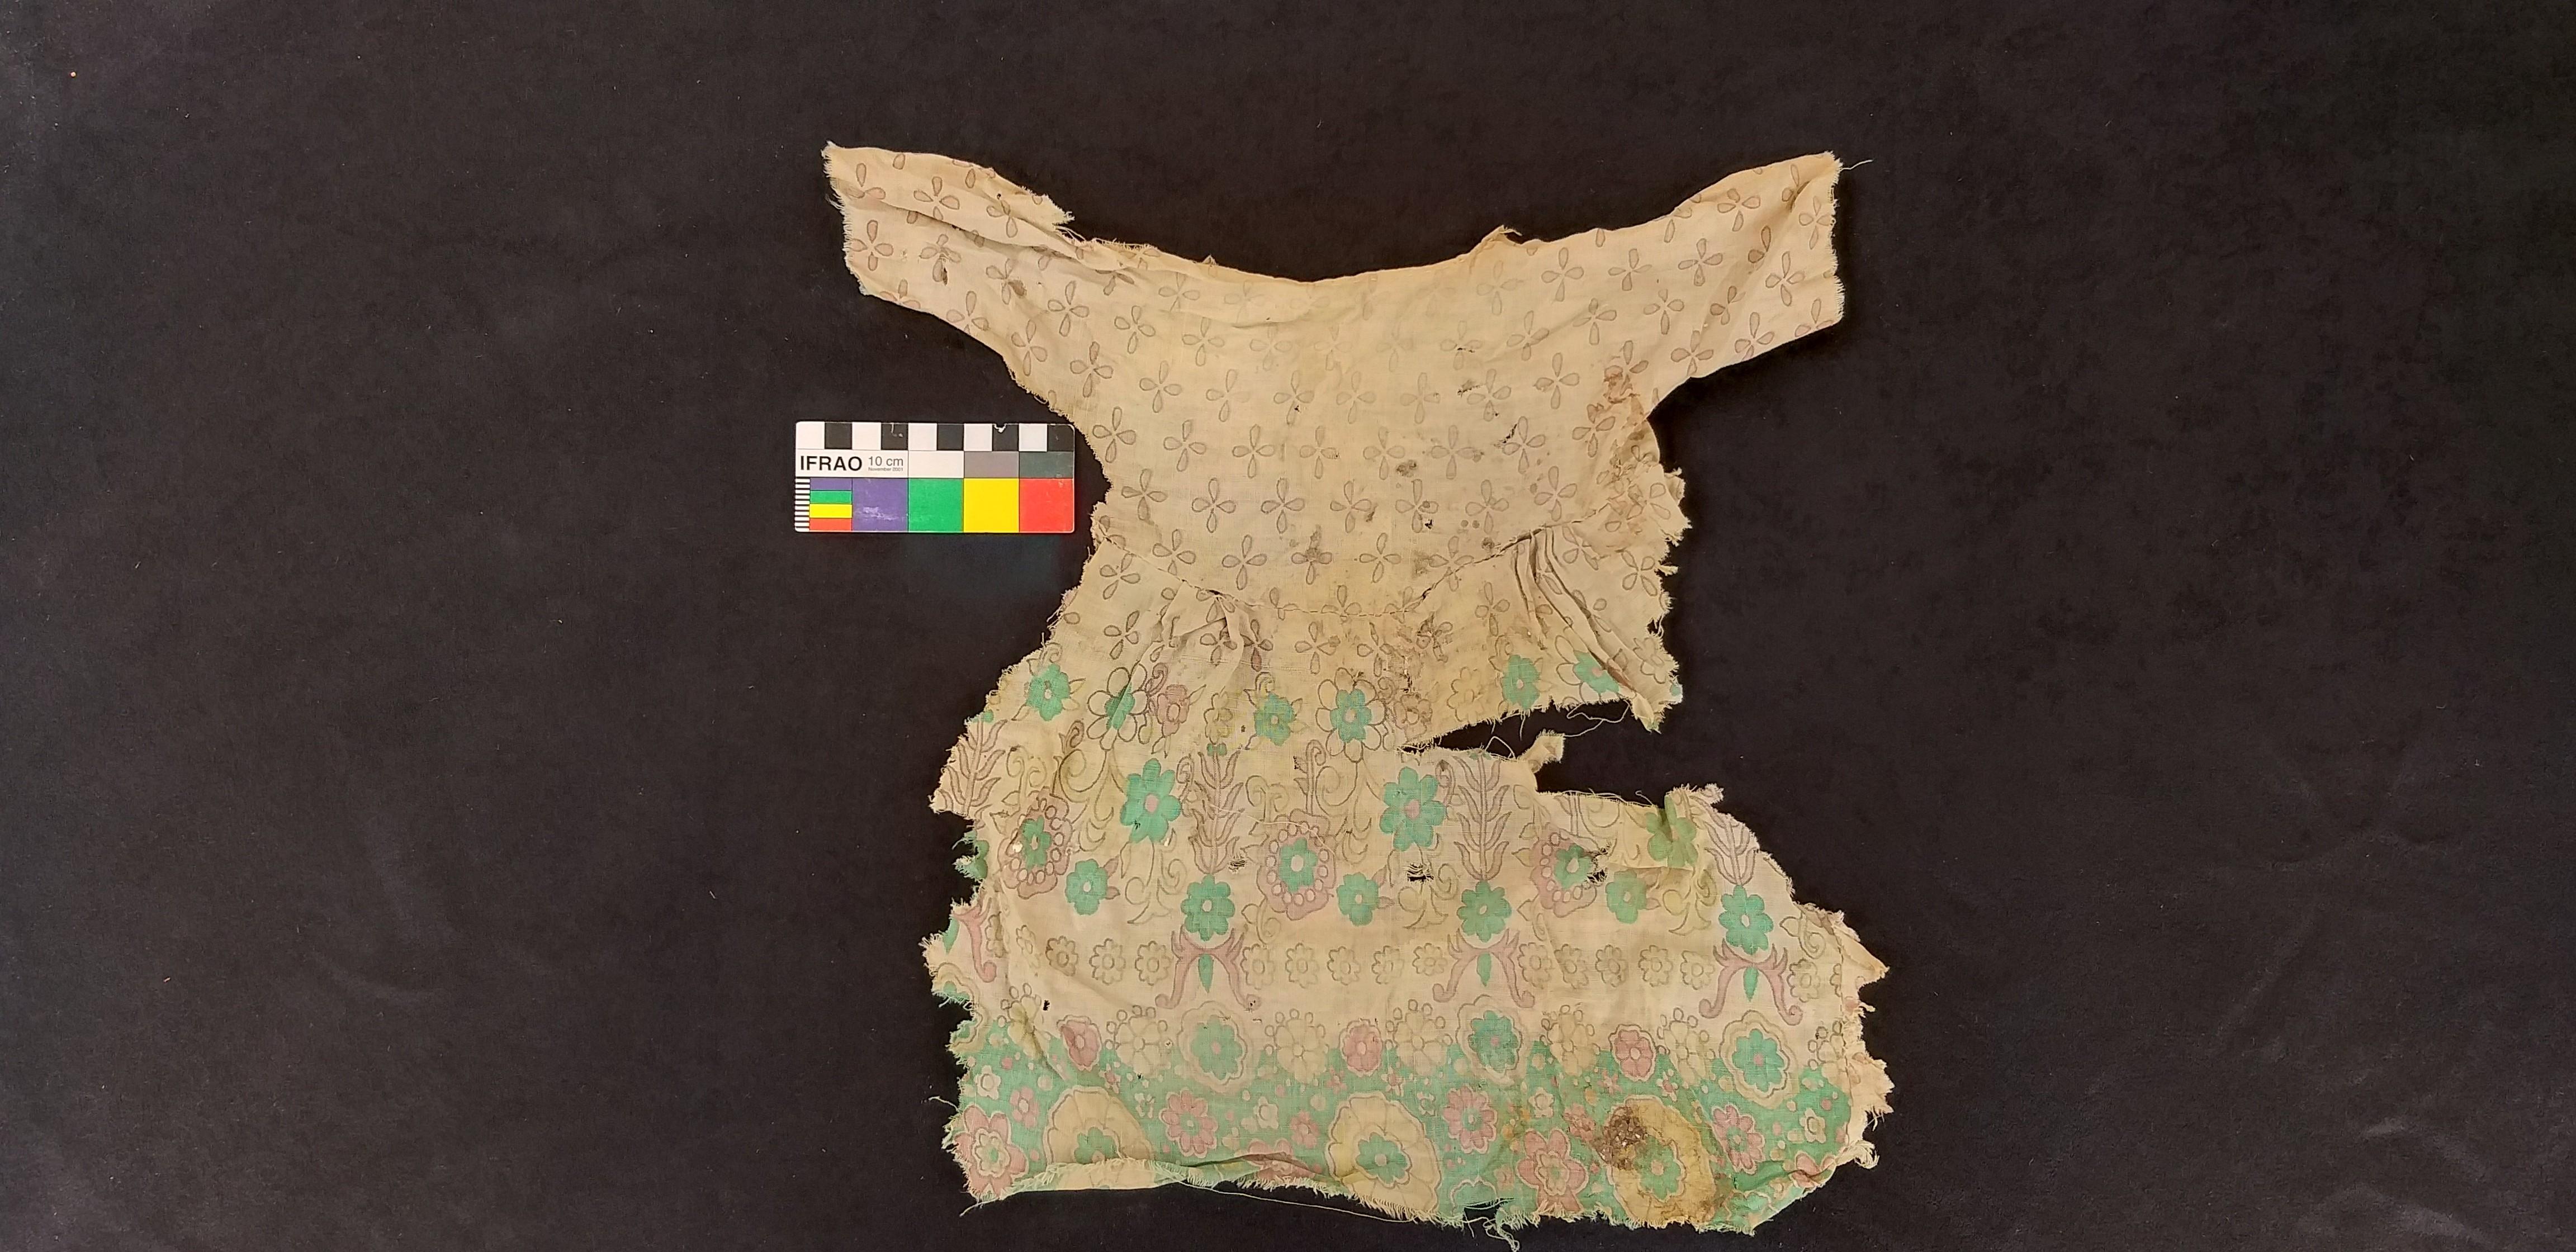 Vestígios de um vestido de criança que também revela a história da ocupação da tumba pela população árabe local (Foto: Divulgação)